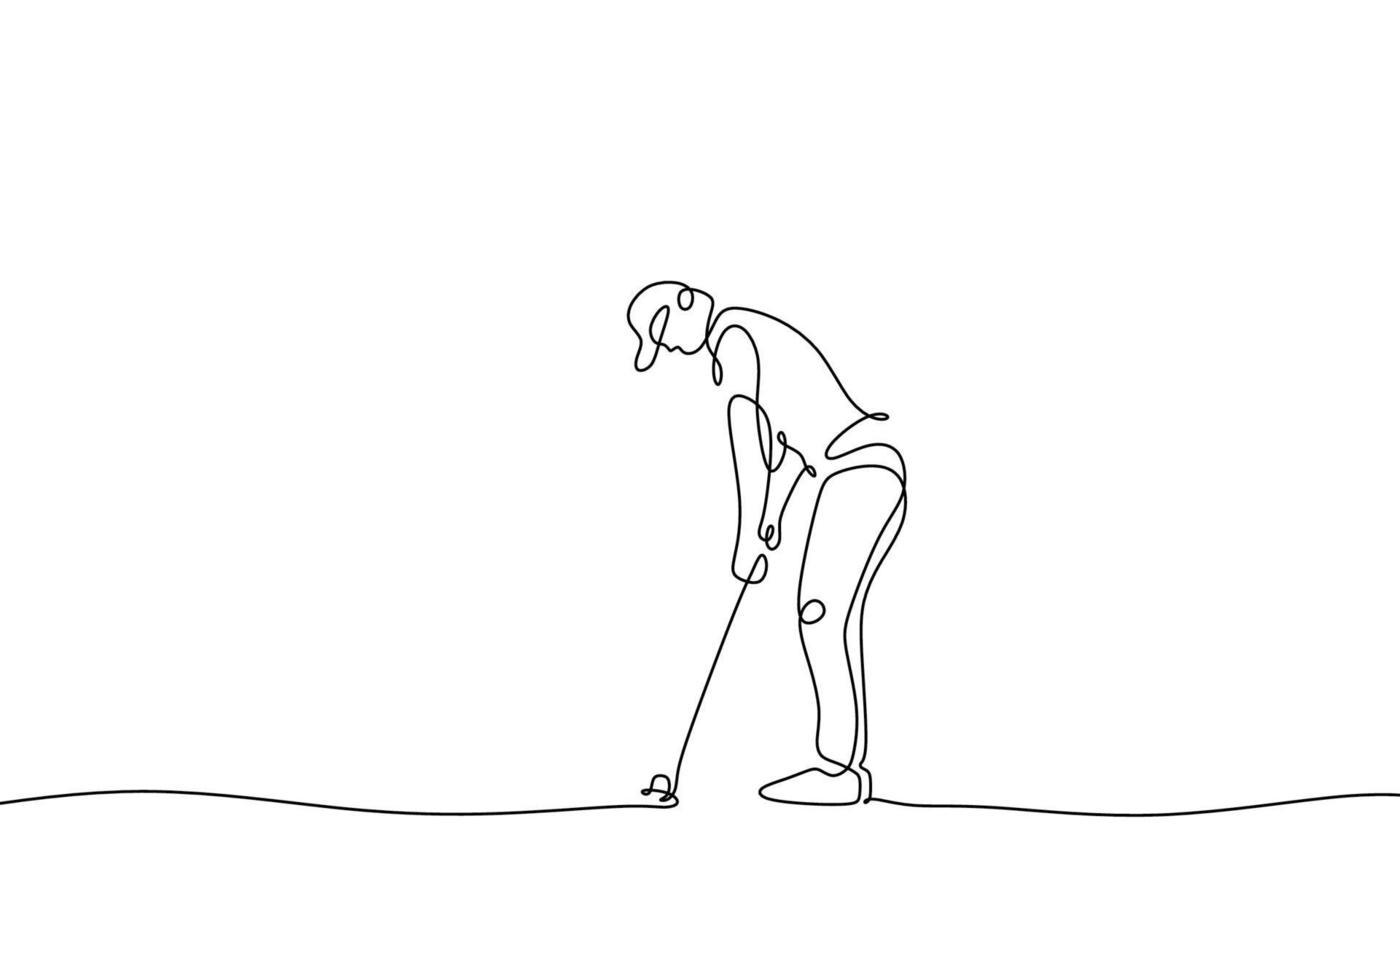 disegno continuo di un uomo che gioca a golf vettore